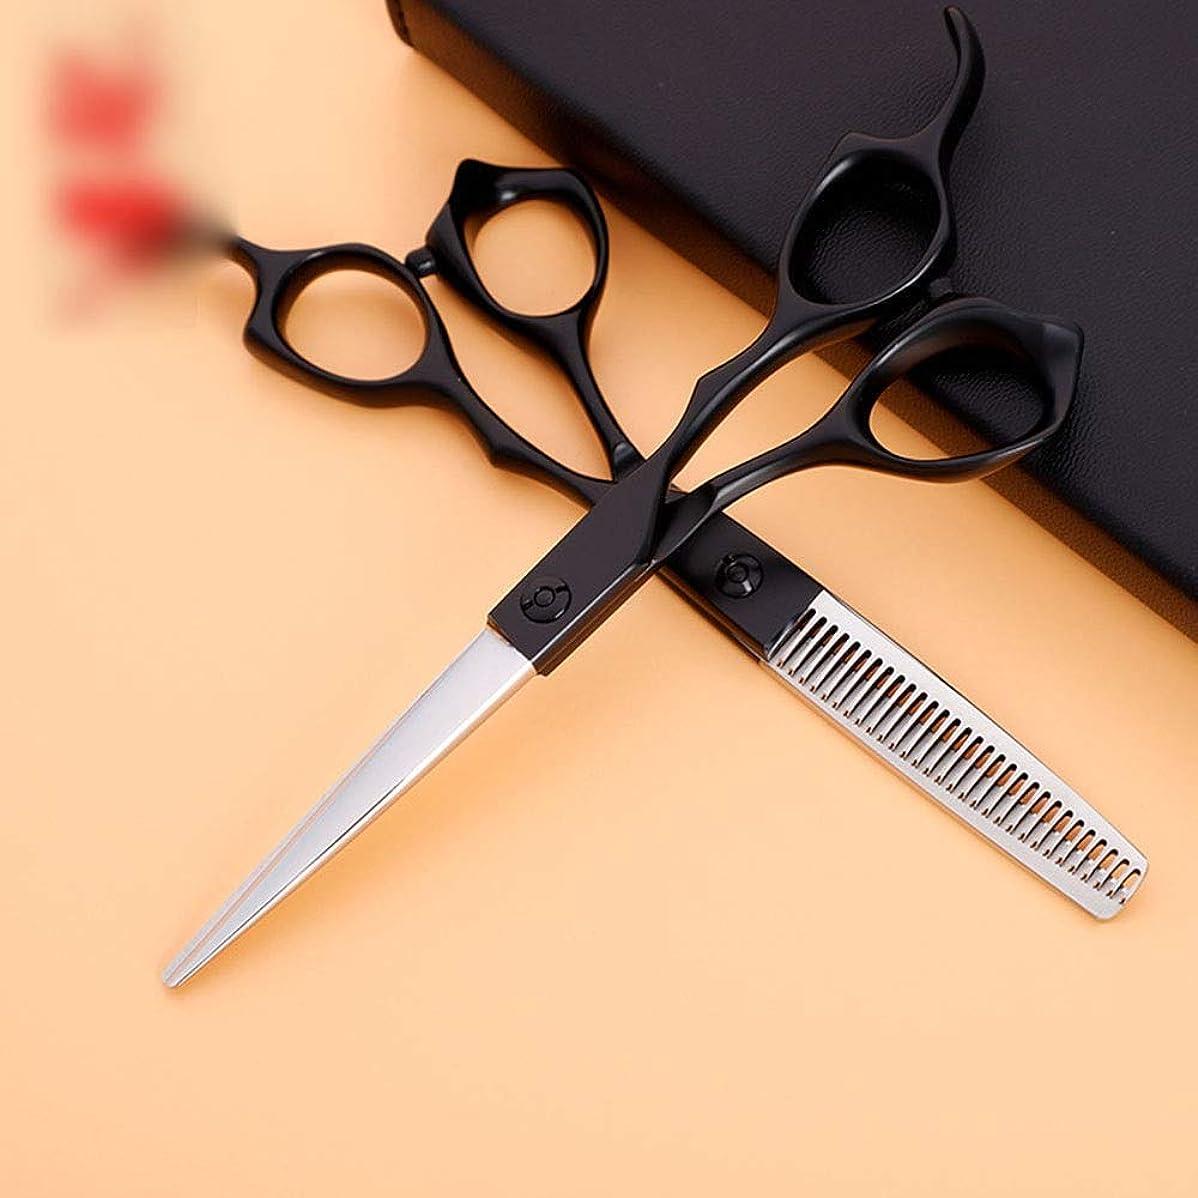 理髪用はさみ 6インチ美容院プロフェッショナル理髪セット、家庭用ヘアカットツールヘアカットはさみステンレス理髪はさみ (色 : 黒)